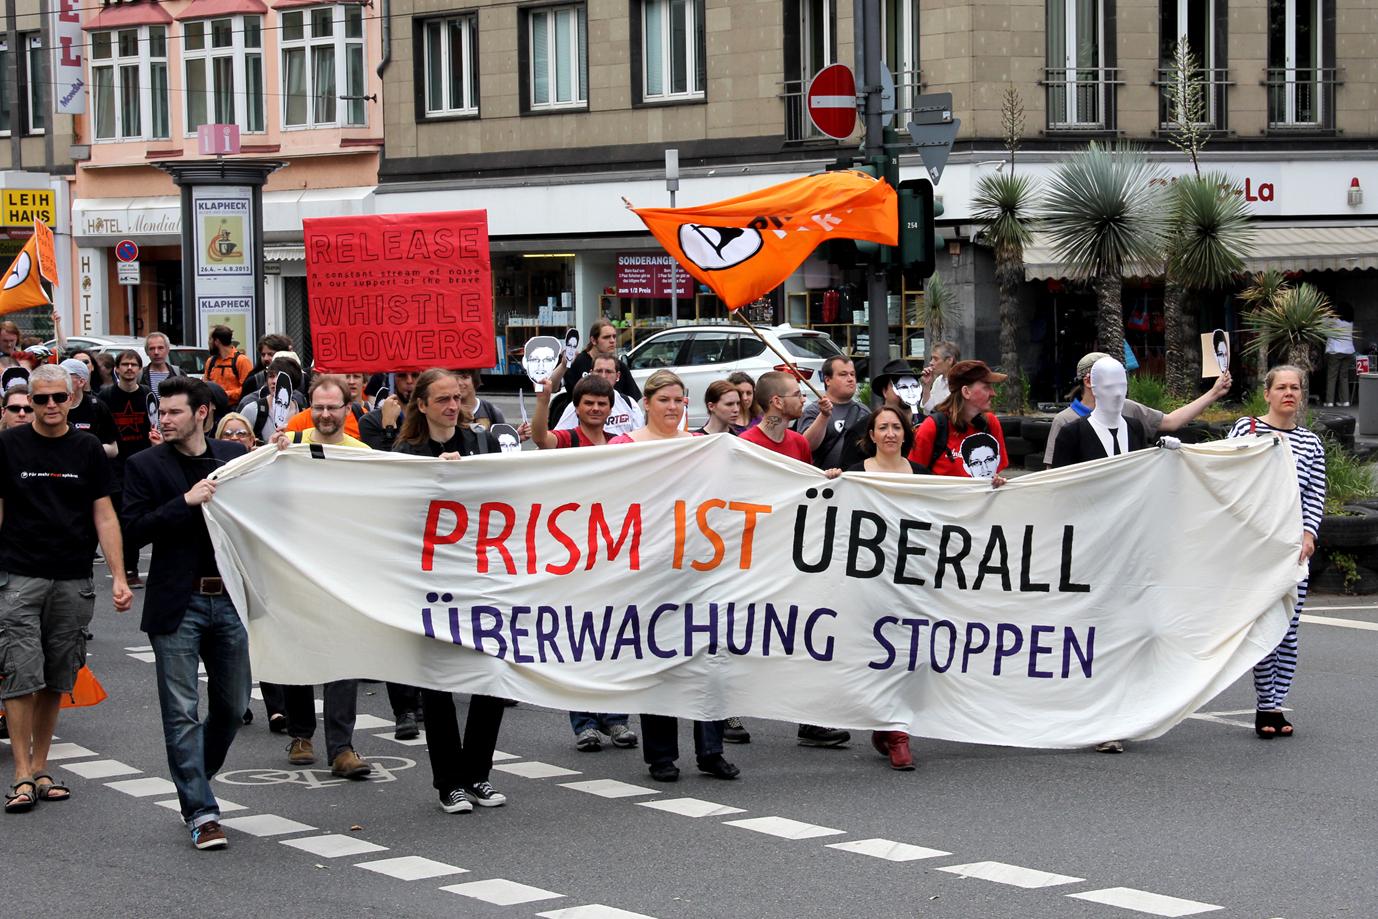 2013: Zug der Anti-PRISM-Demonstration durch Düsseldorf zum amerikanischen Konsulat